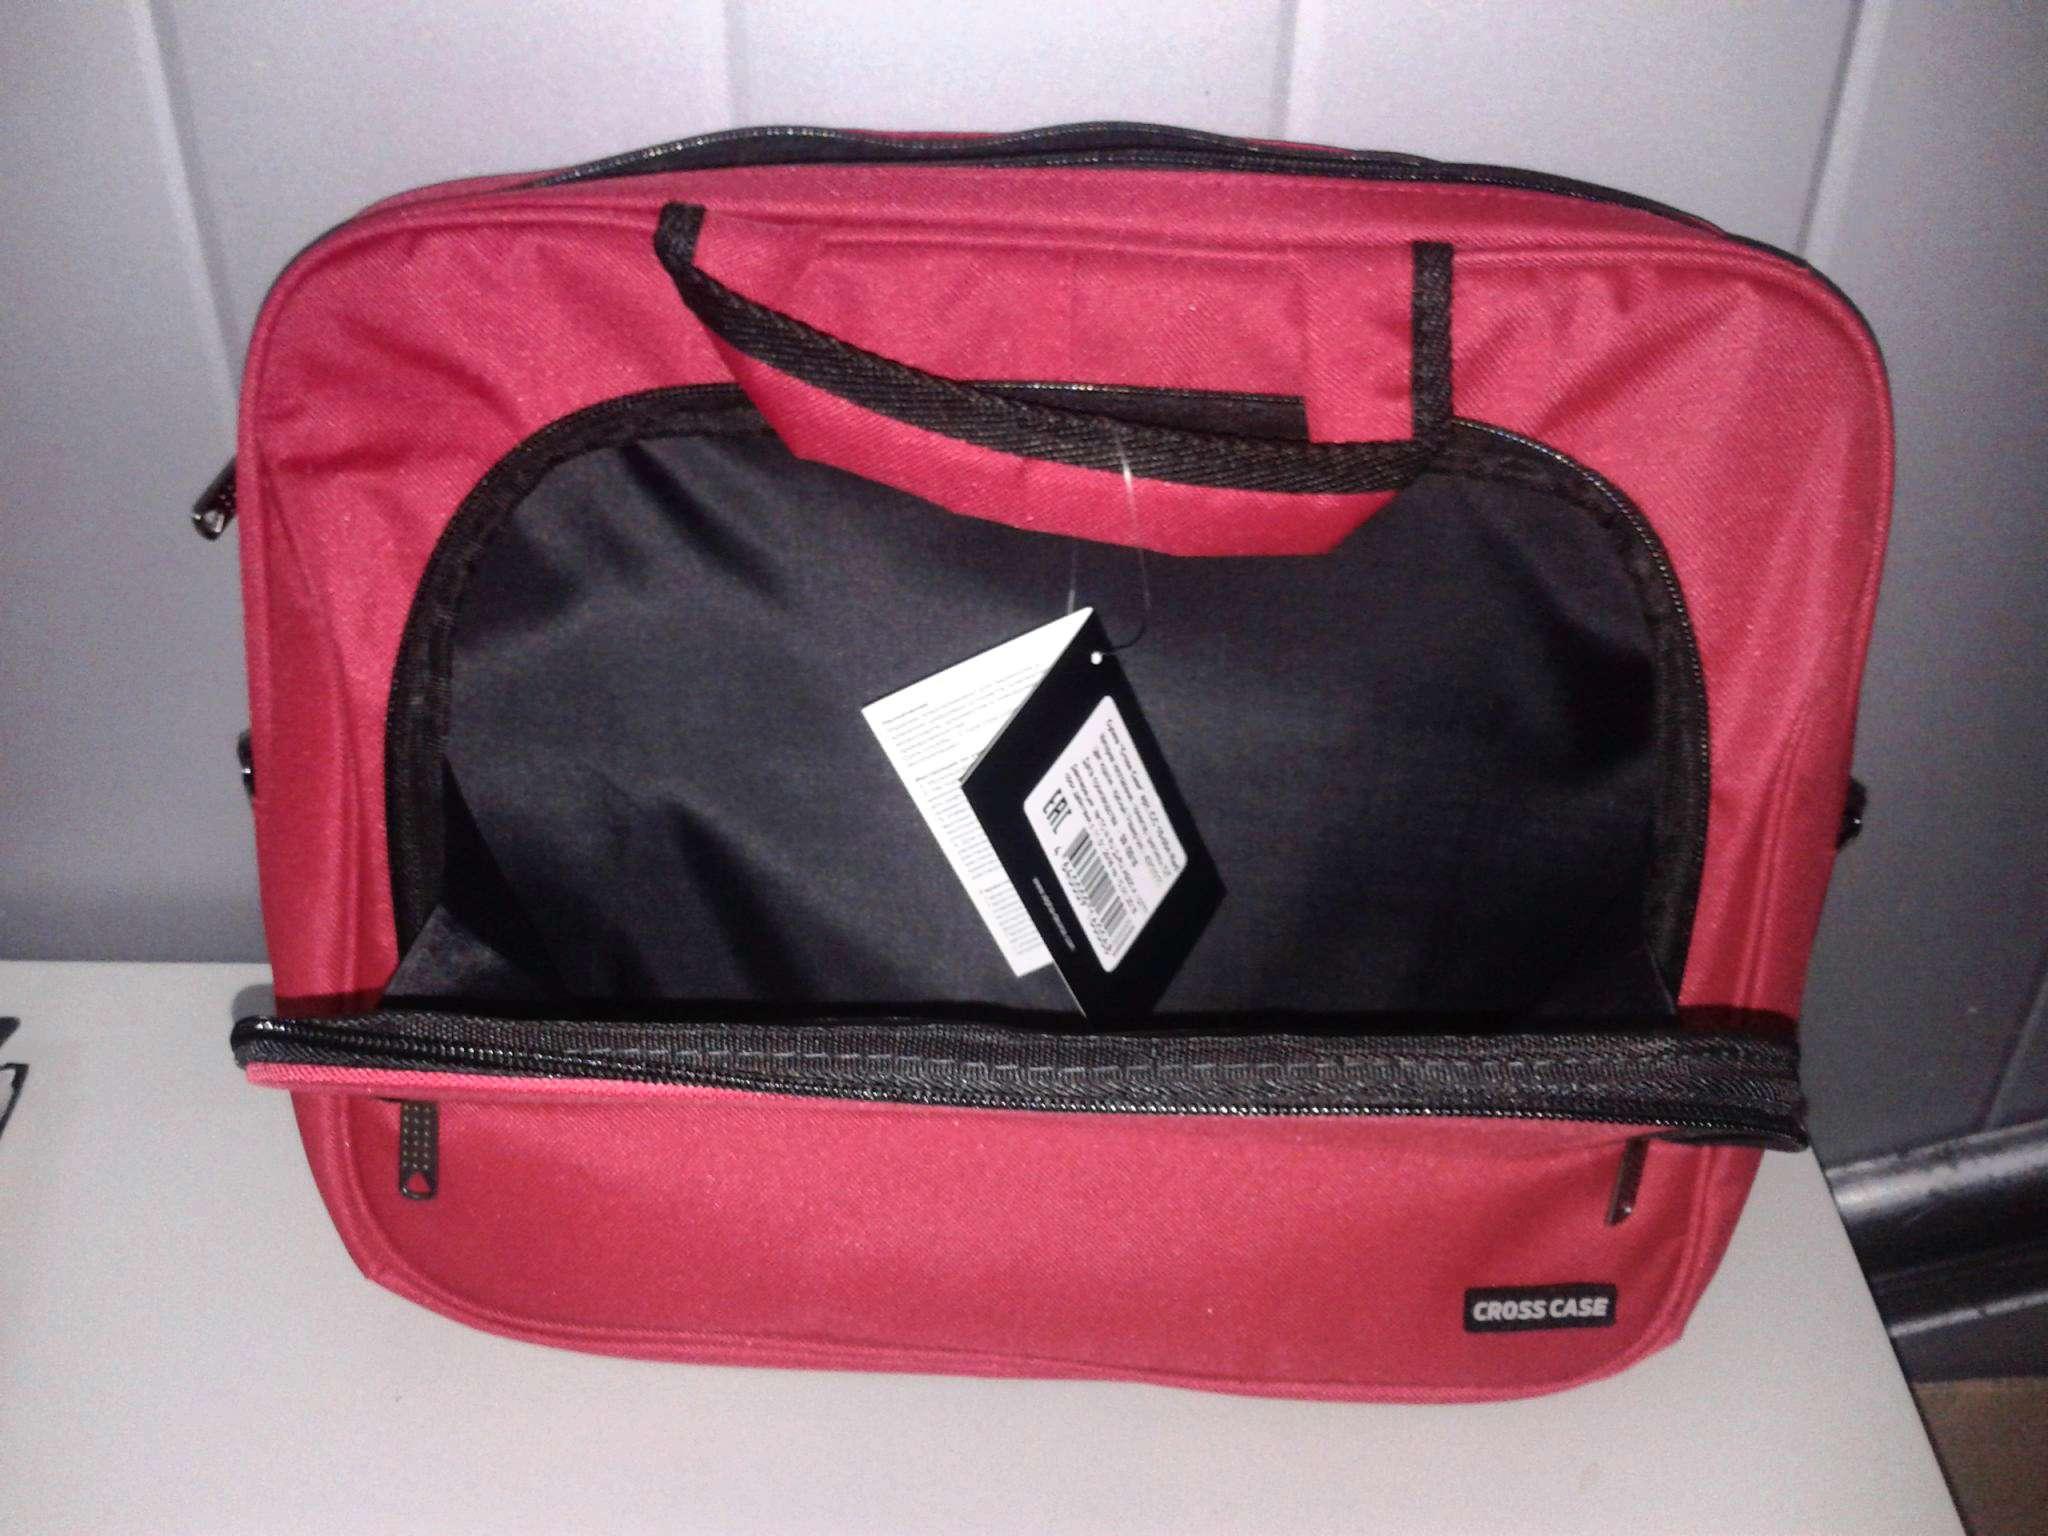 Сумка для ноутбука Cross Case CC15-004, красная — купить в интернет ... 606cbaf2a46